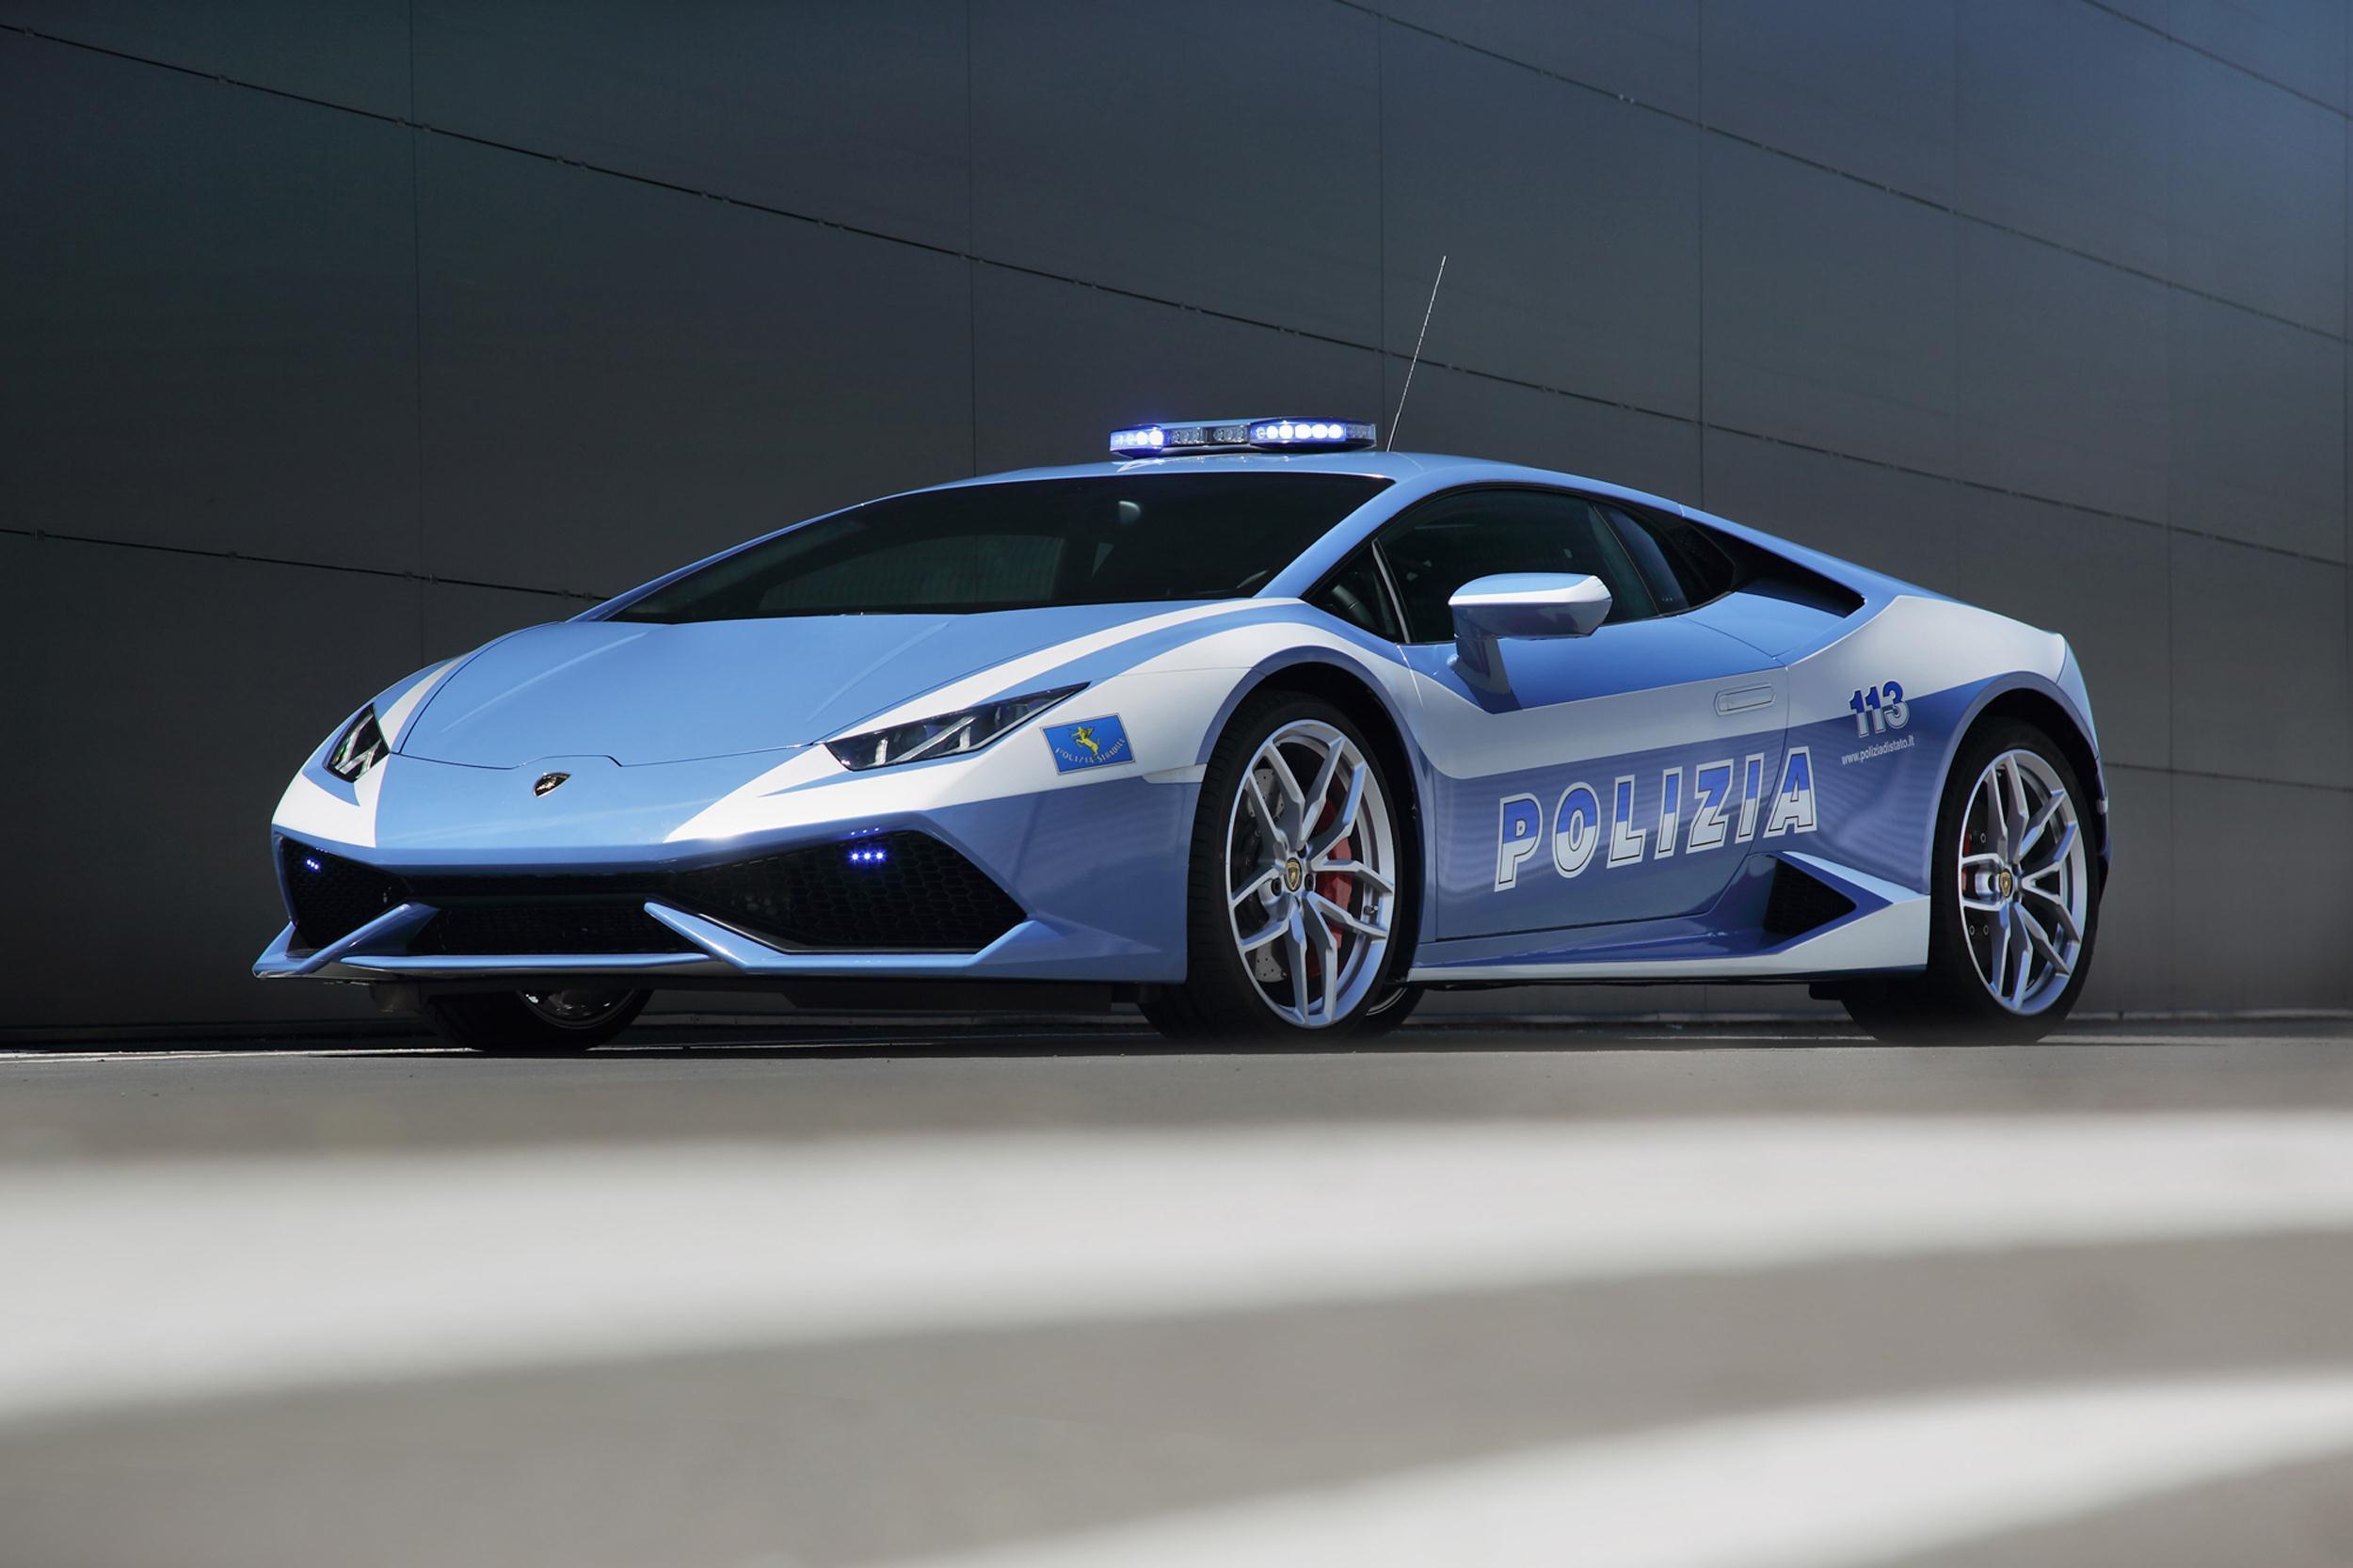 Italian Police Roll In A Brand New Lamborghini